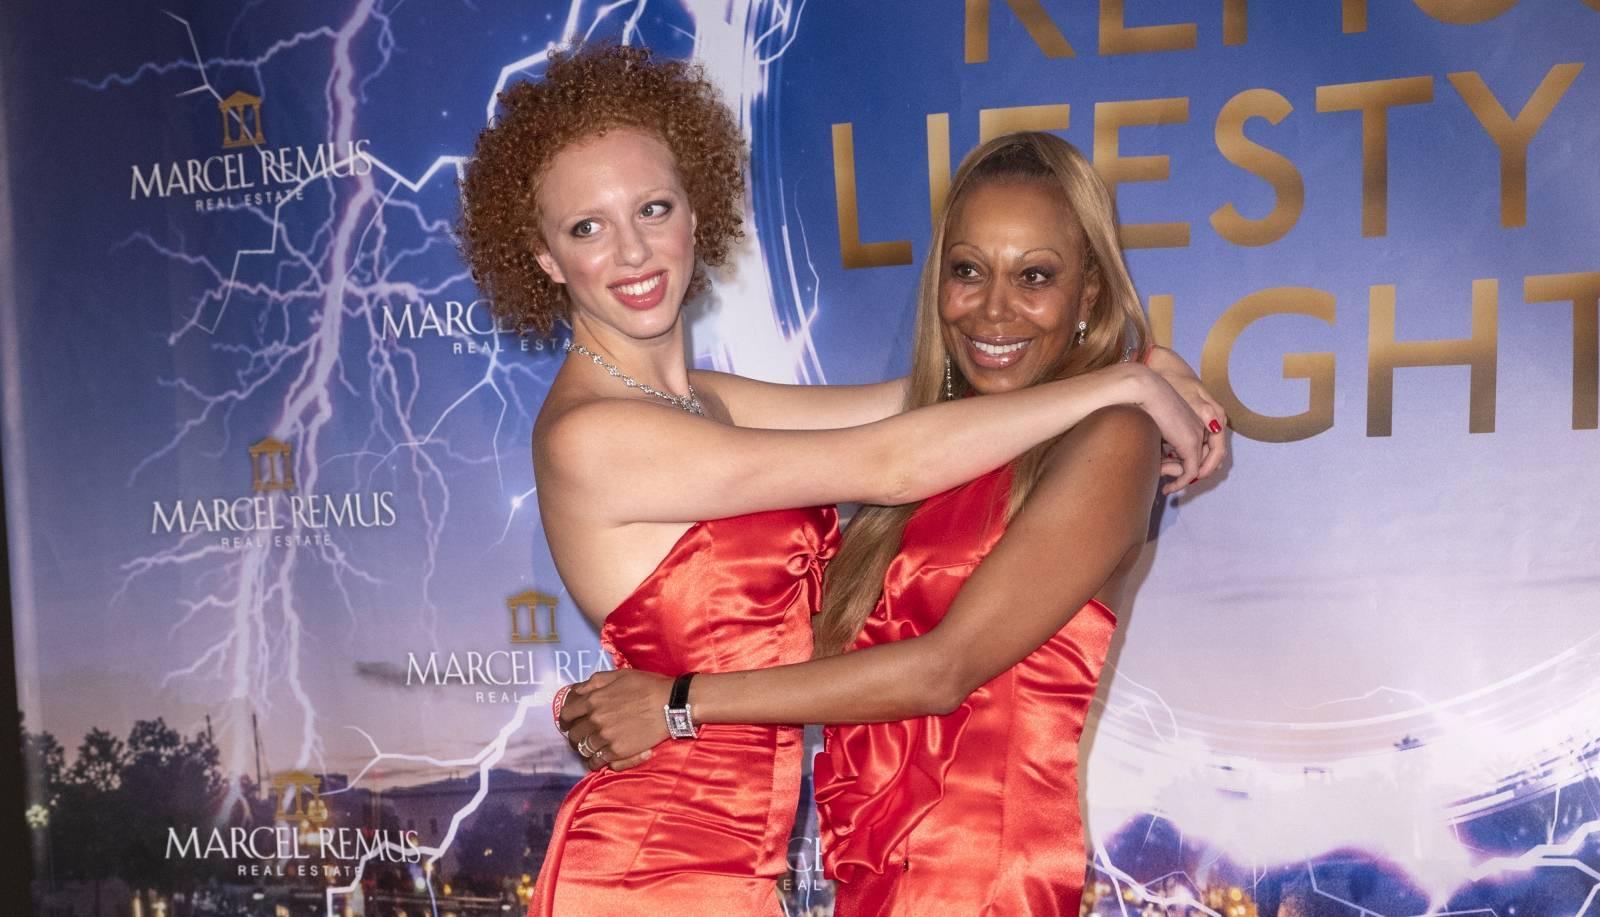 Anna Ermakova, Angela Ermakova à la soirée Remus Lifestyle Night à l'hôtel Lau à Palma de Majorque